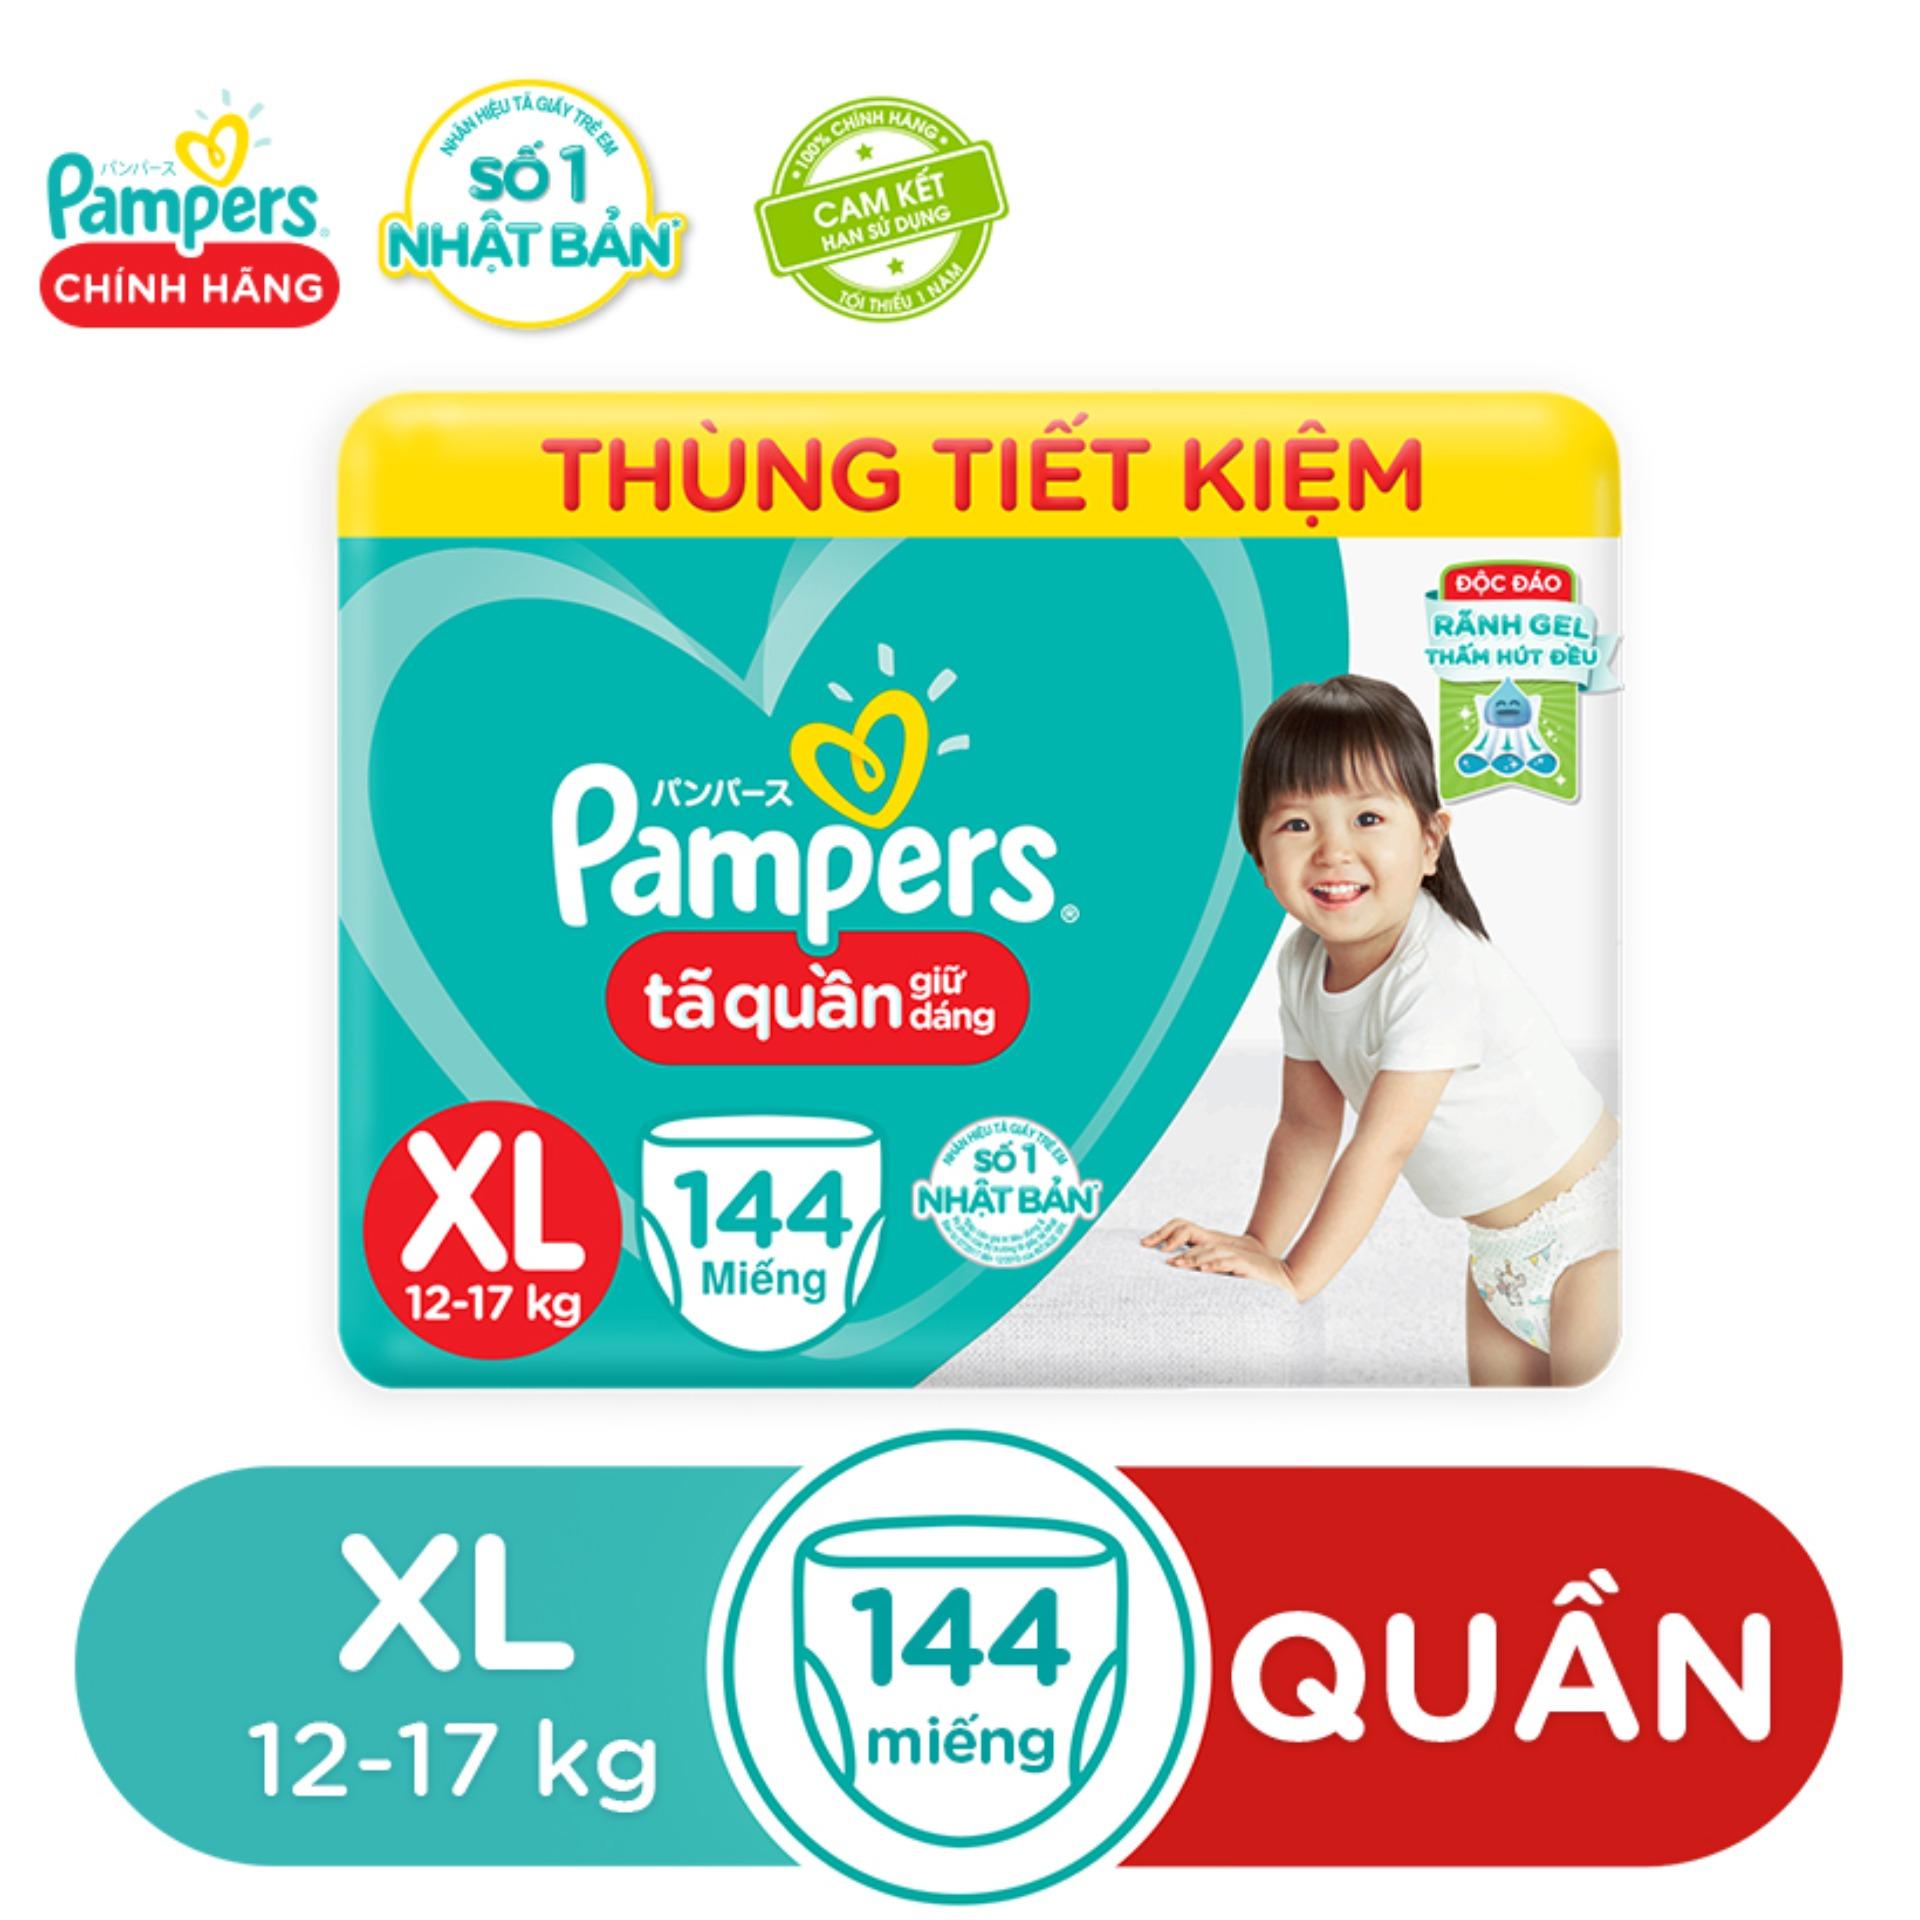 Tã Quần Giữ Dáng Pampers - Thùng Mega Tiết Kiệm Hàng Tháng - Size XL 48x3 - Cho Bé Từ 12-16kg Bất Ngờ Ưu Đãi Giá